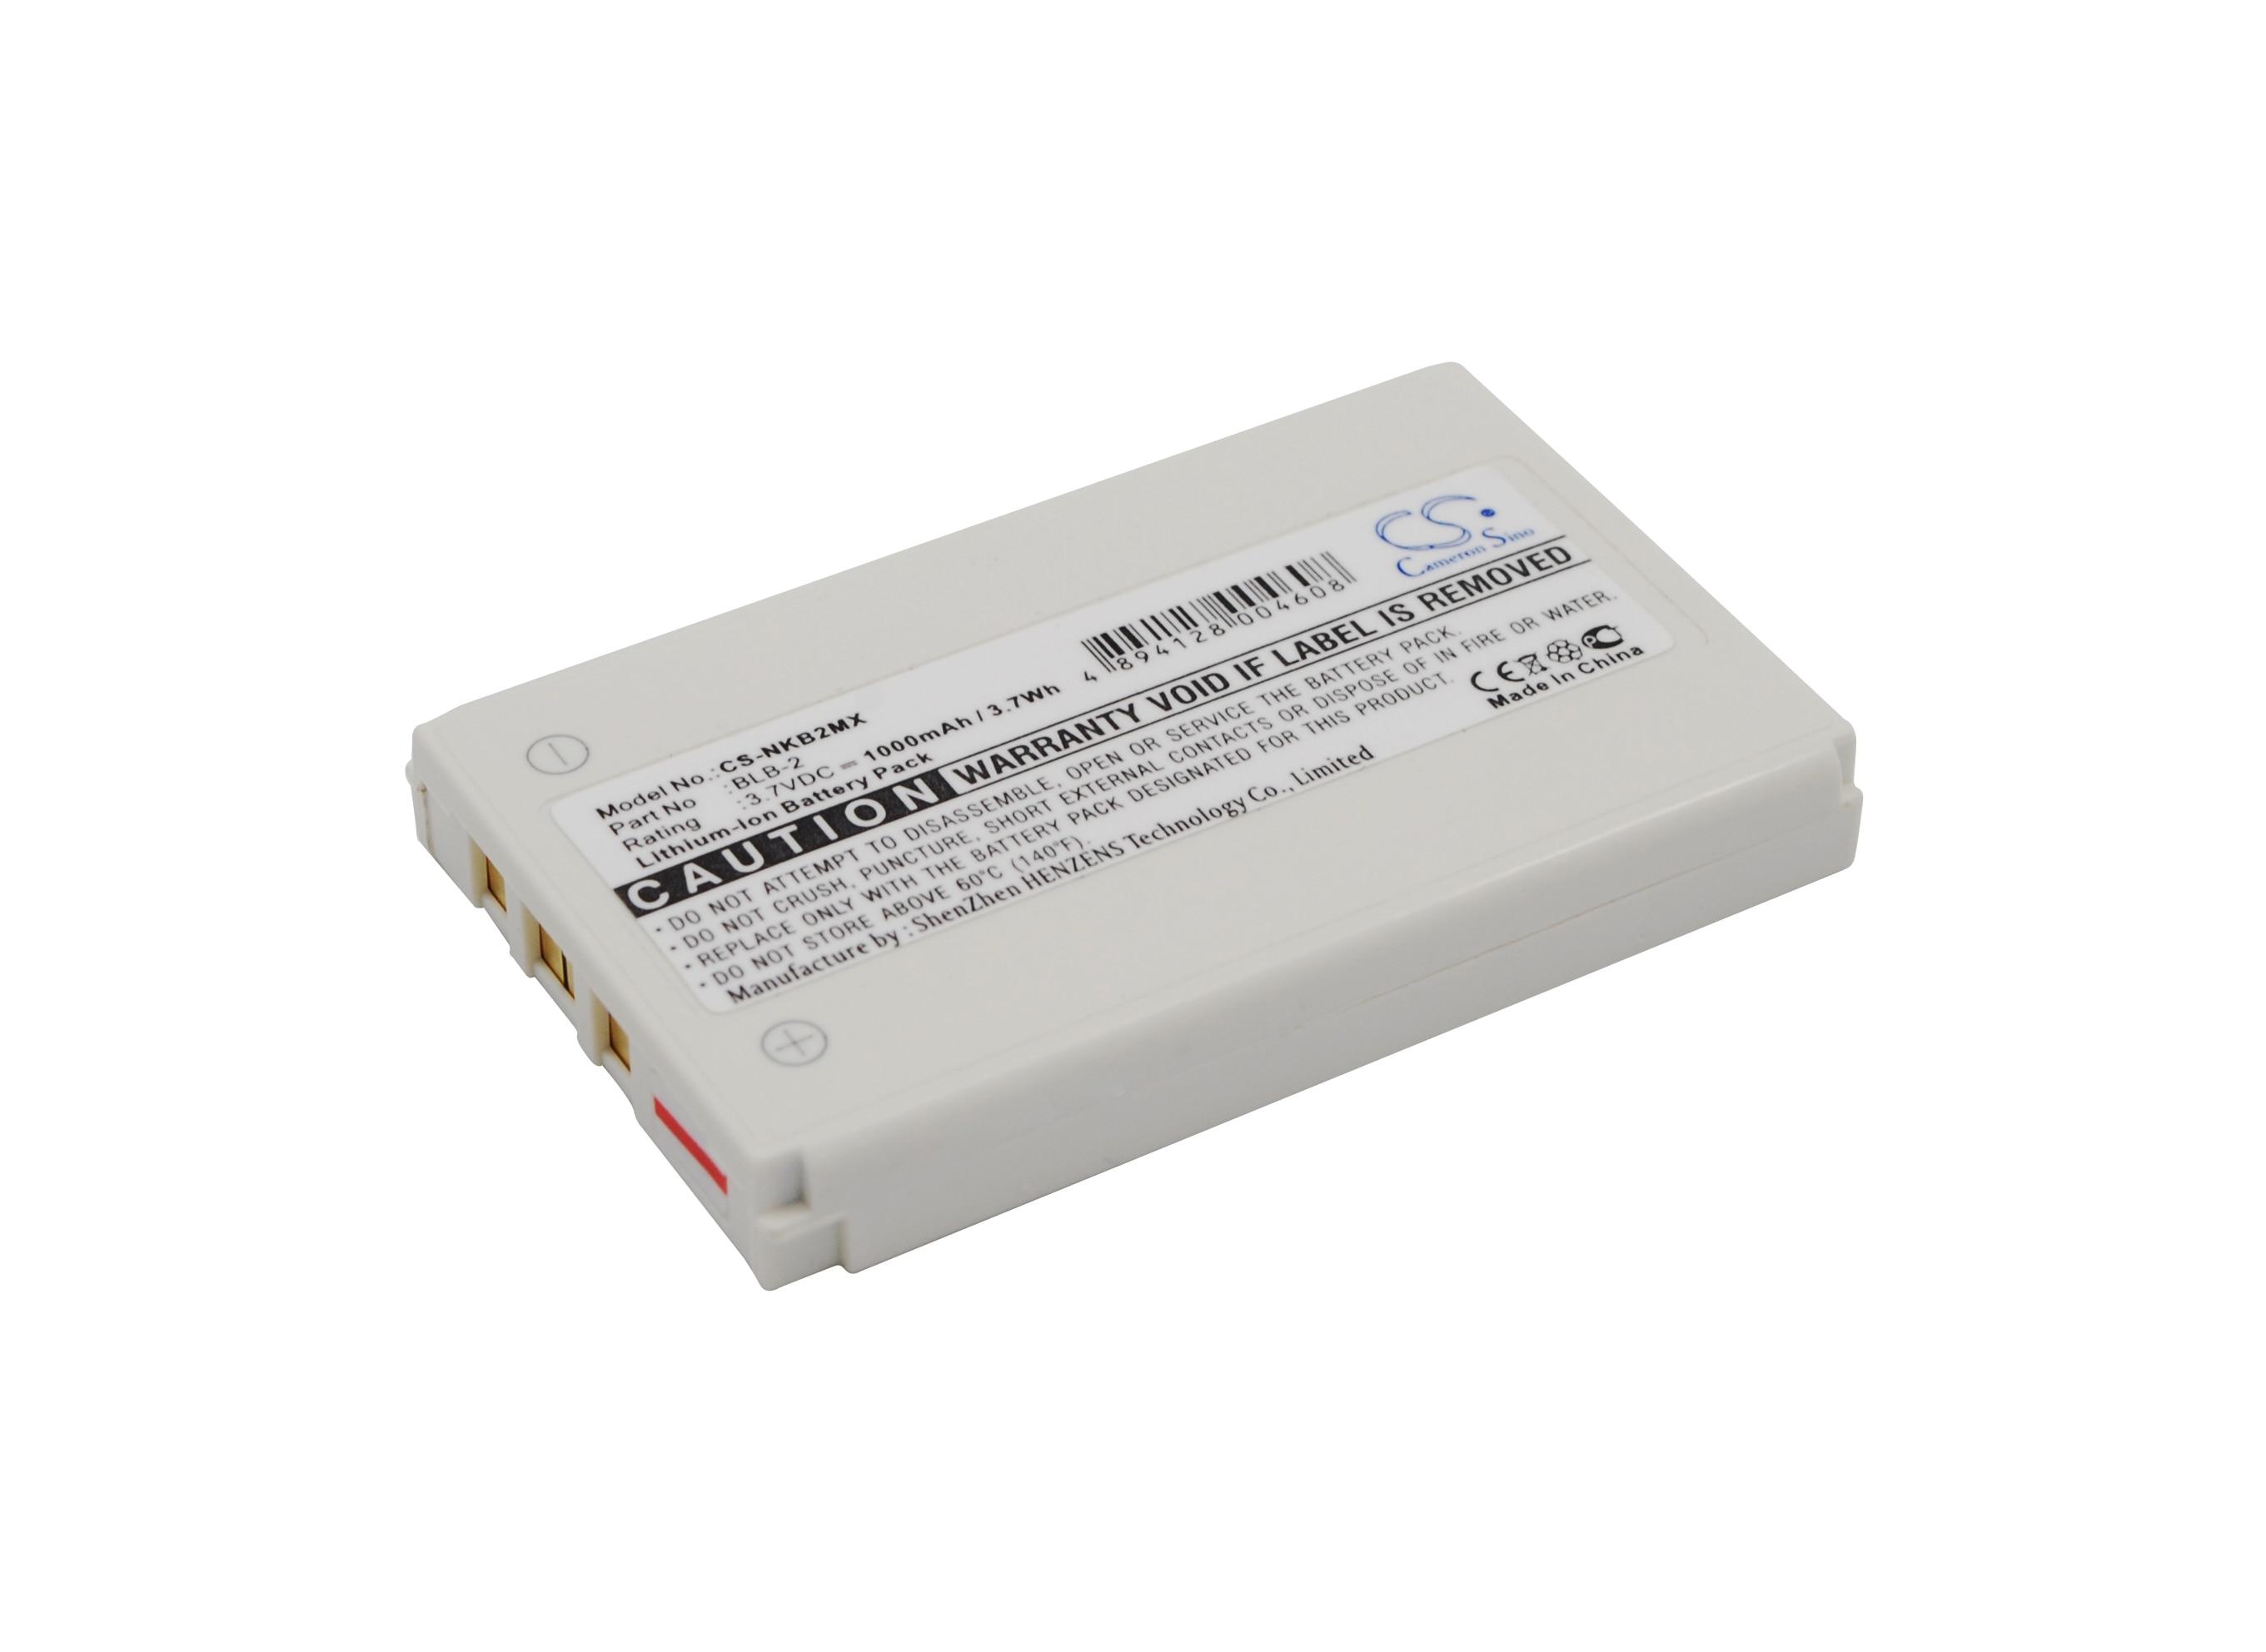 Batería BLB-2 Cameron Sino para 3610, 5210, 6500, 6510, 6590, 6590i, 7150, 7650, 8210, 8250